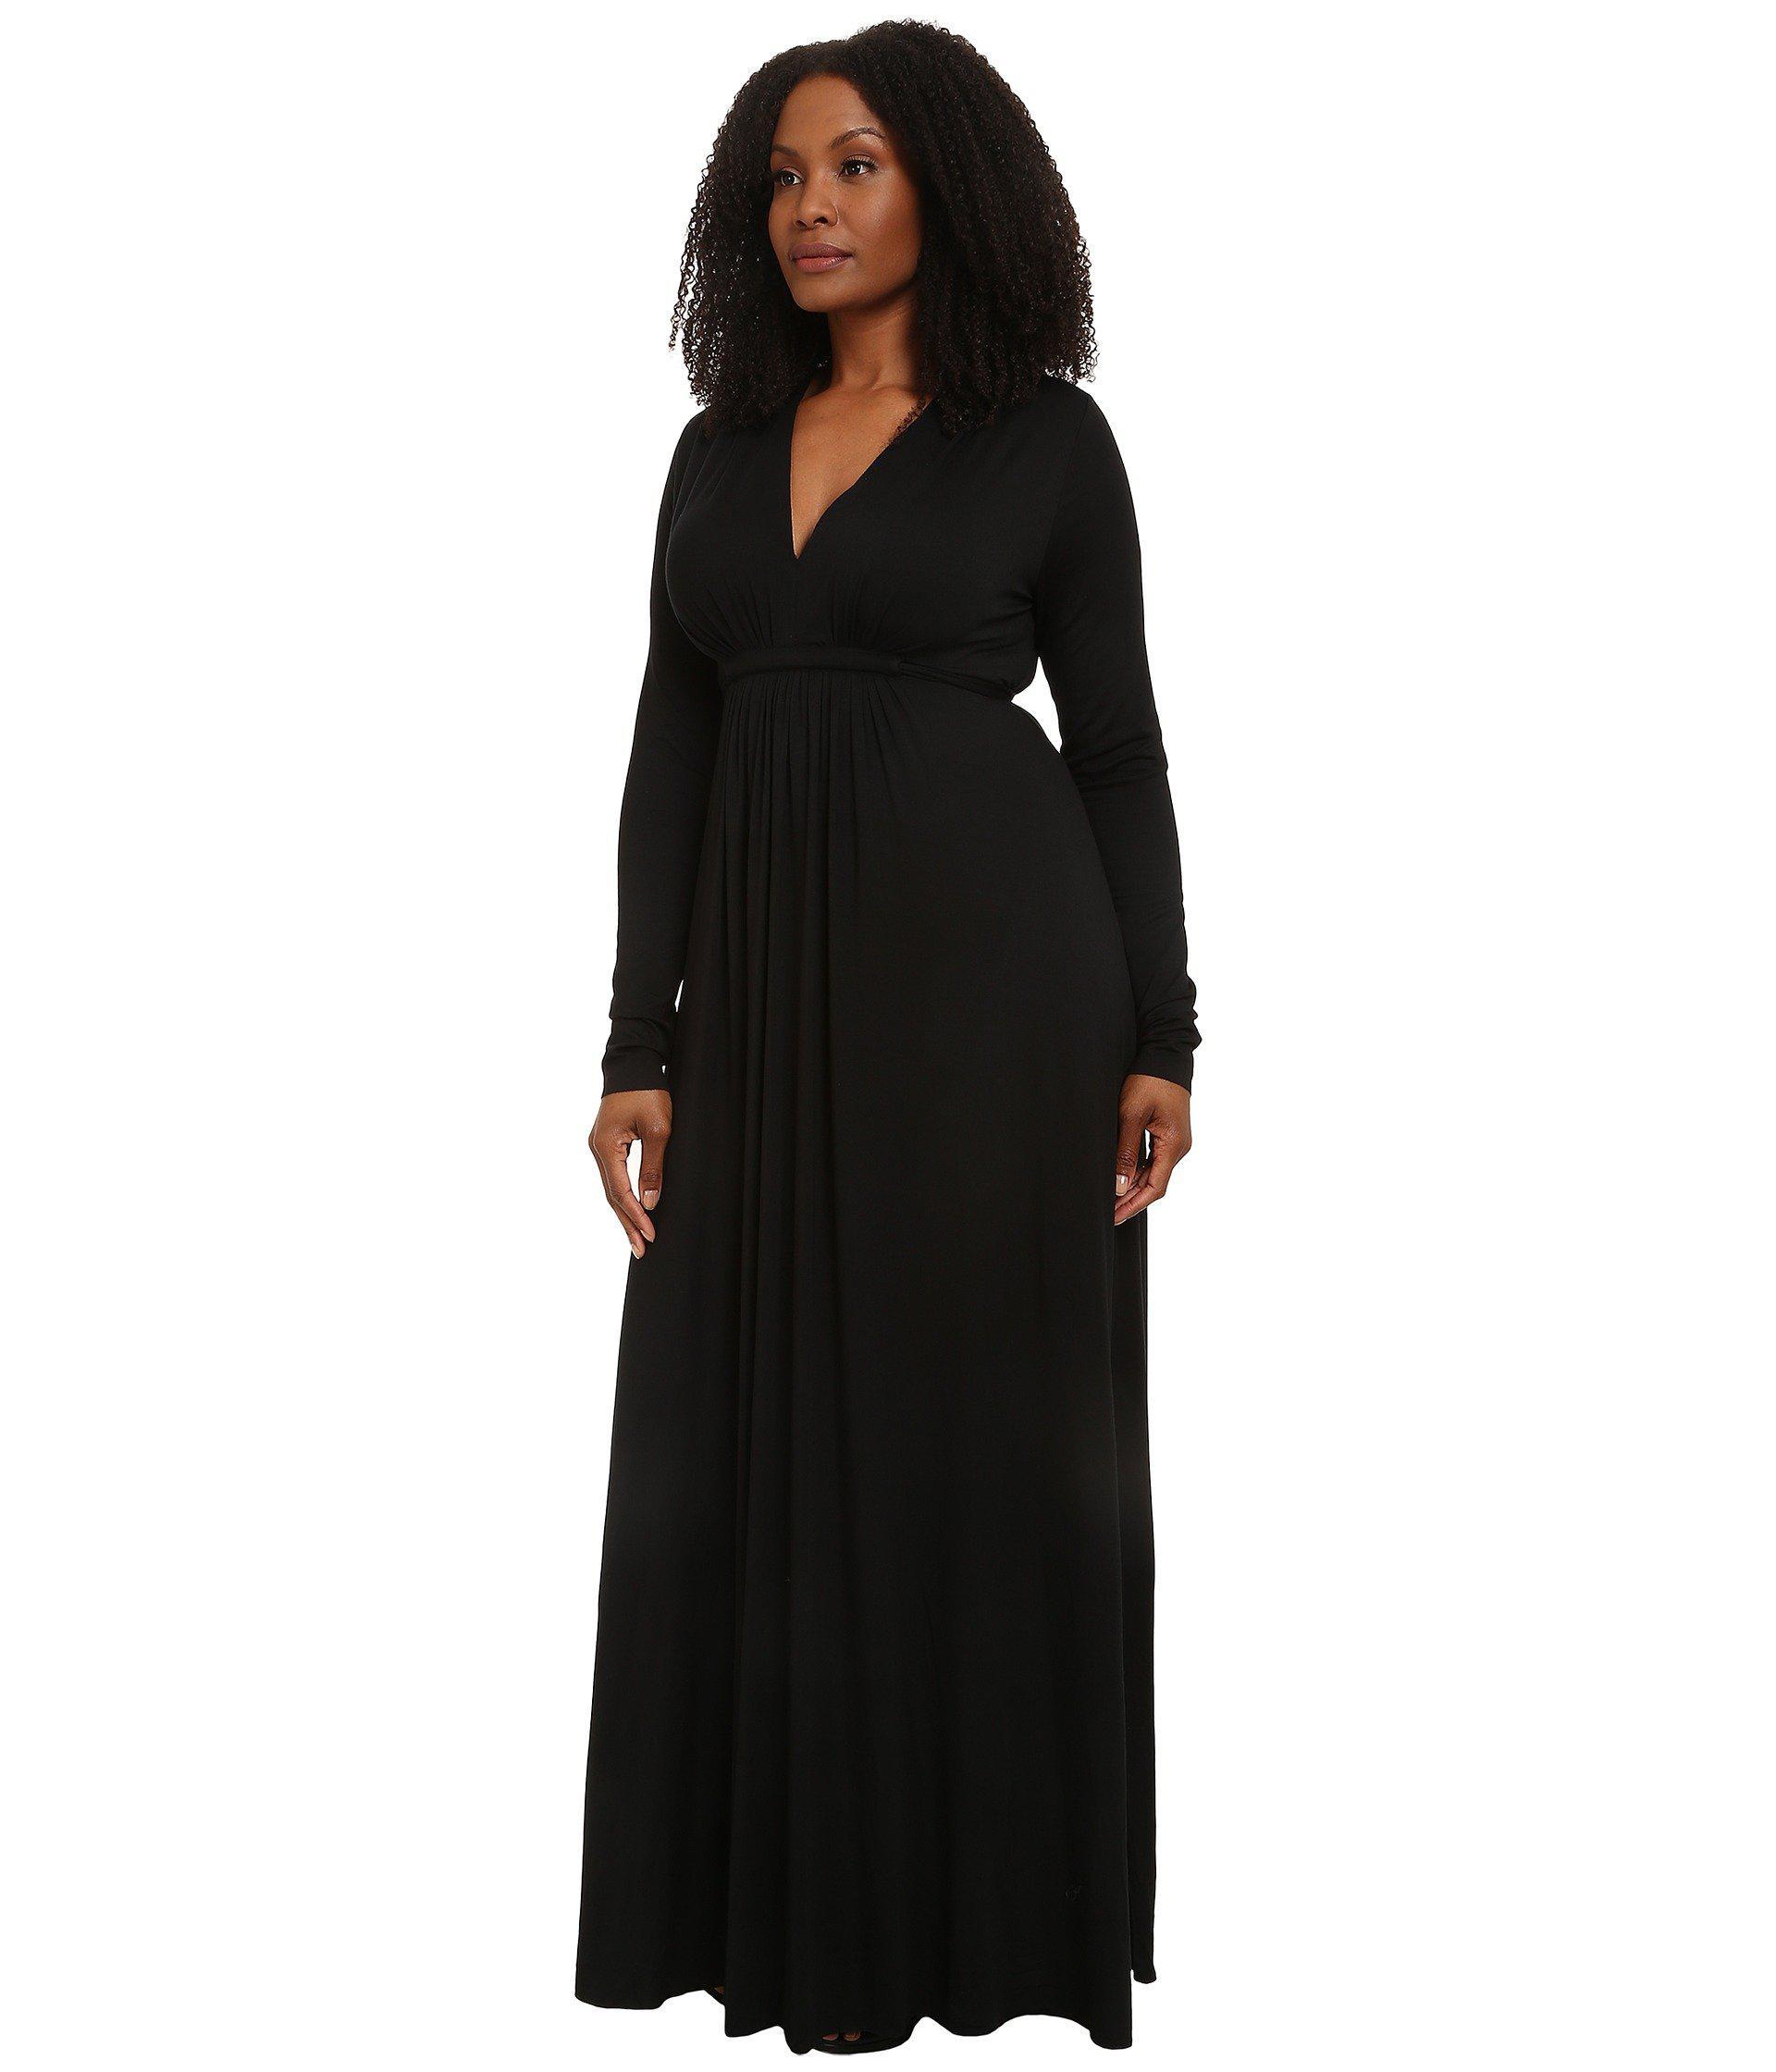 f0fc93a156f55 Lyst - Rachel Pally Plus Size Long Sleeve Full Length Caftan (cream)  Women s Dress in Black